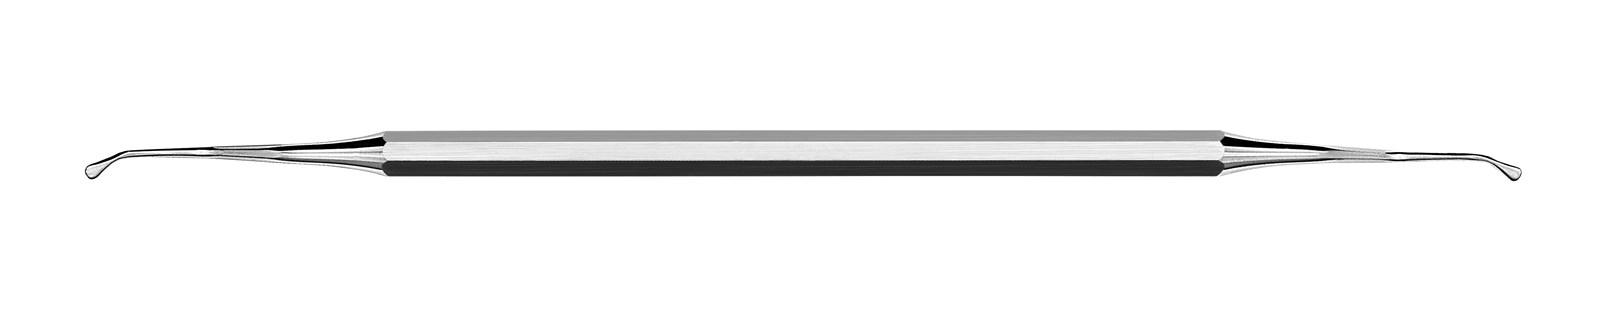 Nůž pro tunelovou techniku - TKP, ADEP tmavě zelený